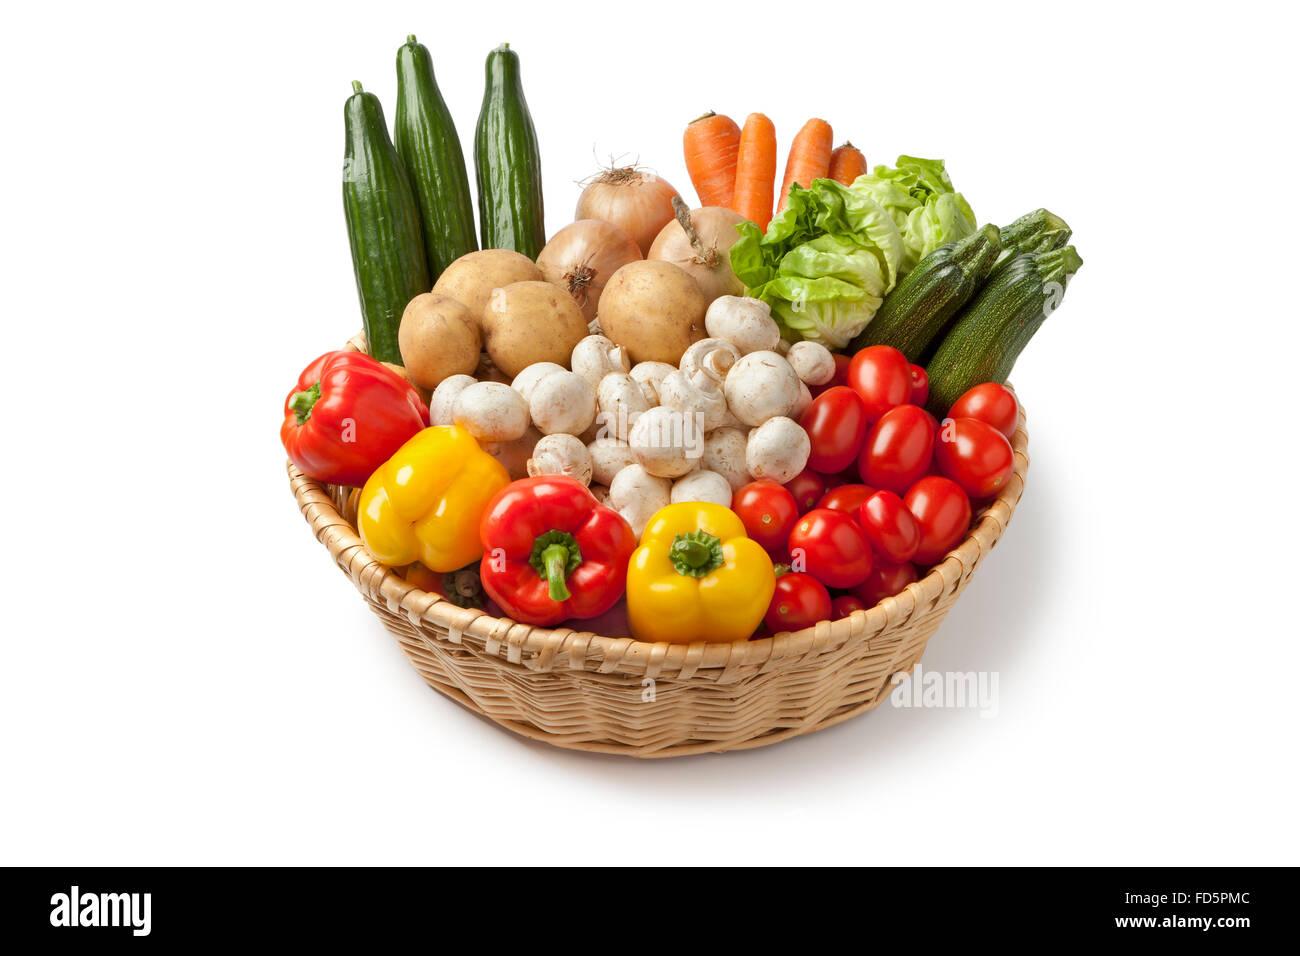 Korb mit frischem Gemüse auf weißem Hintergrund Stockbild